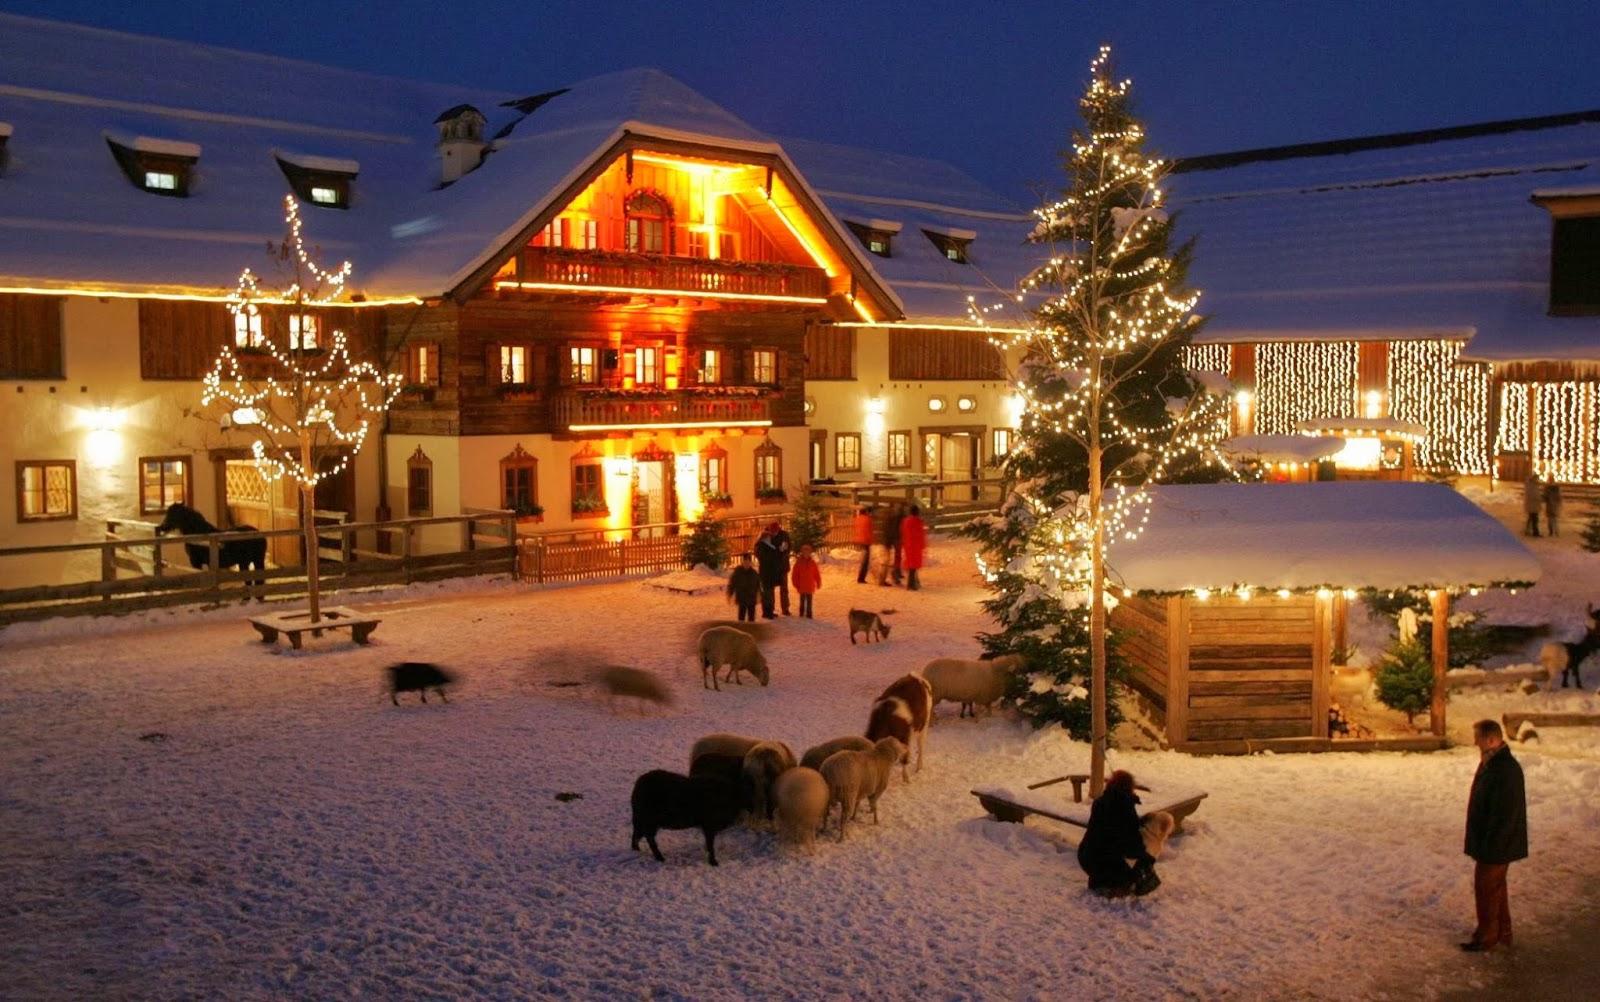 La navidad en el mundo c mo se celebra viajabonito - Navidades en alemania ...